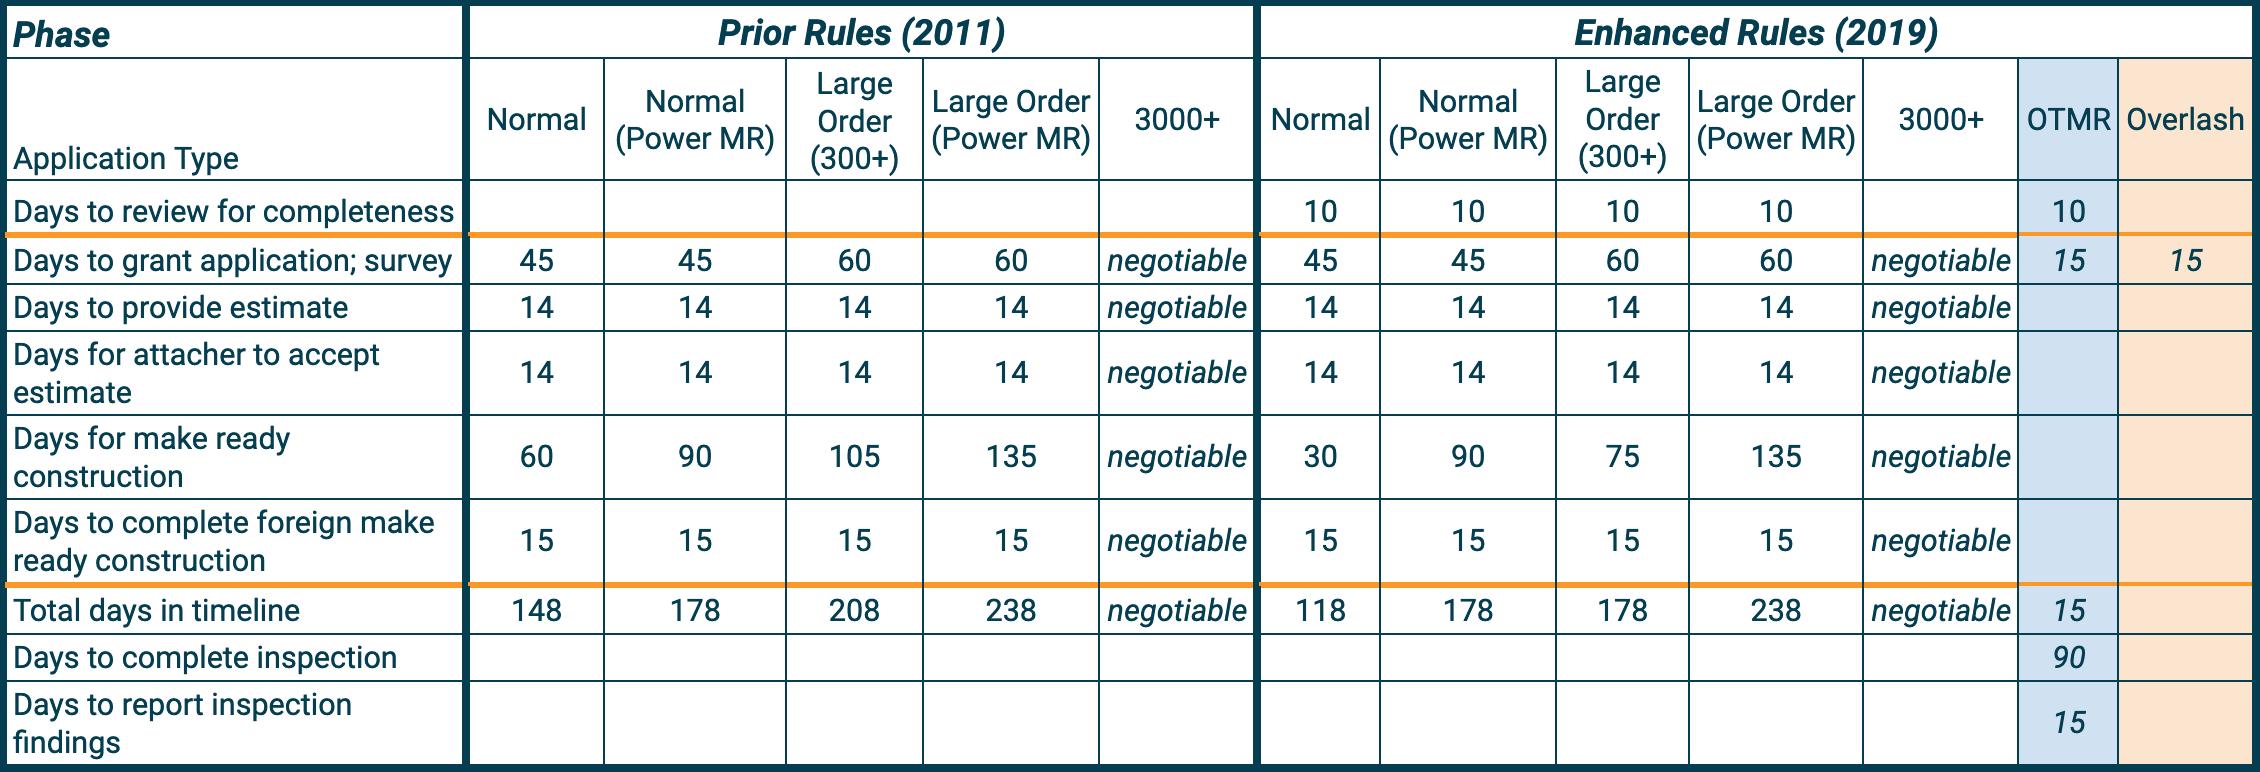 FCC TImeline Comparison